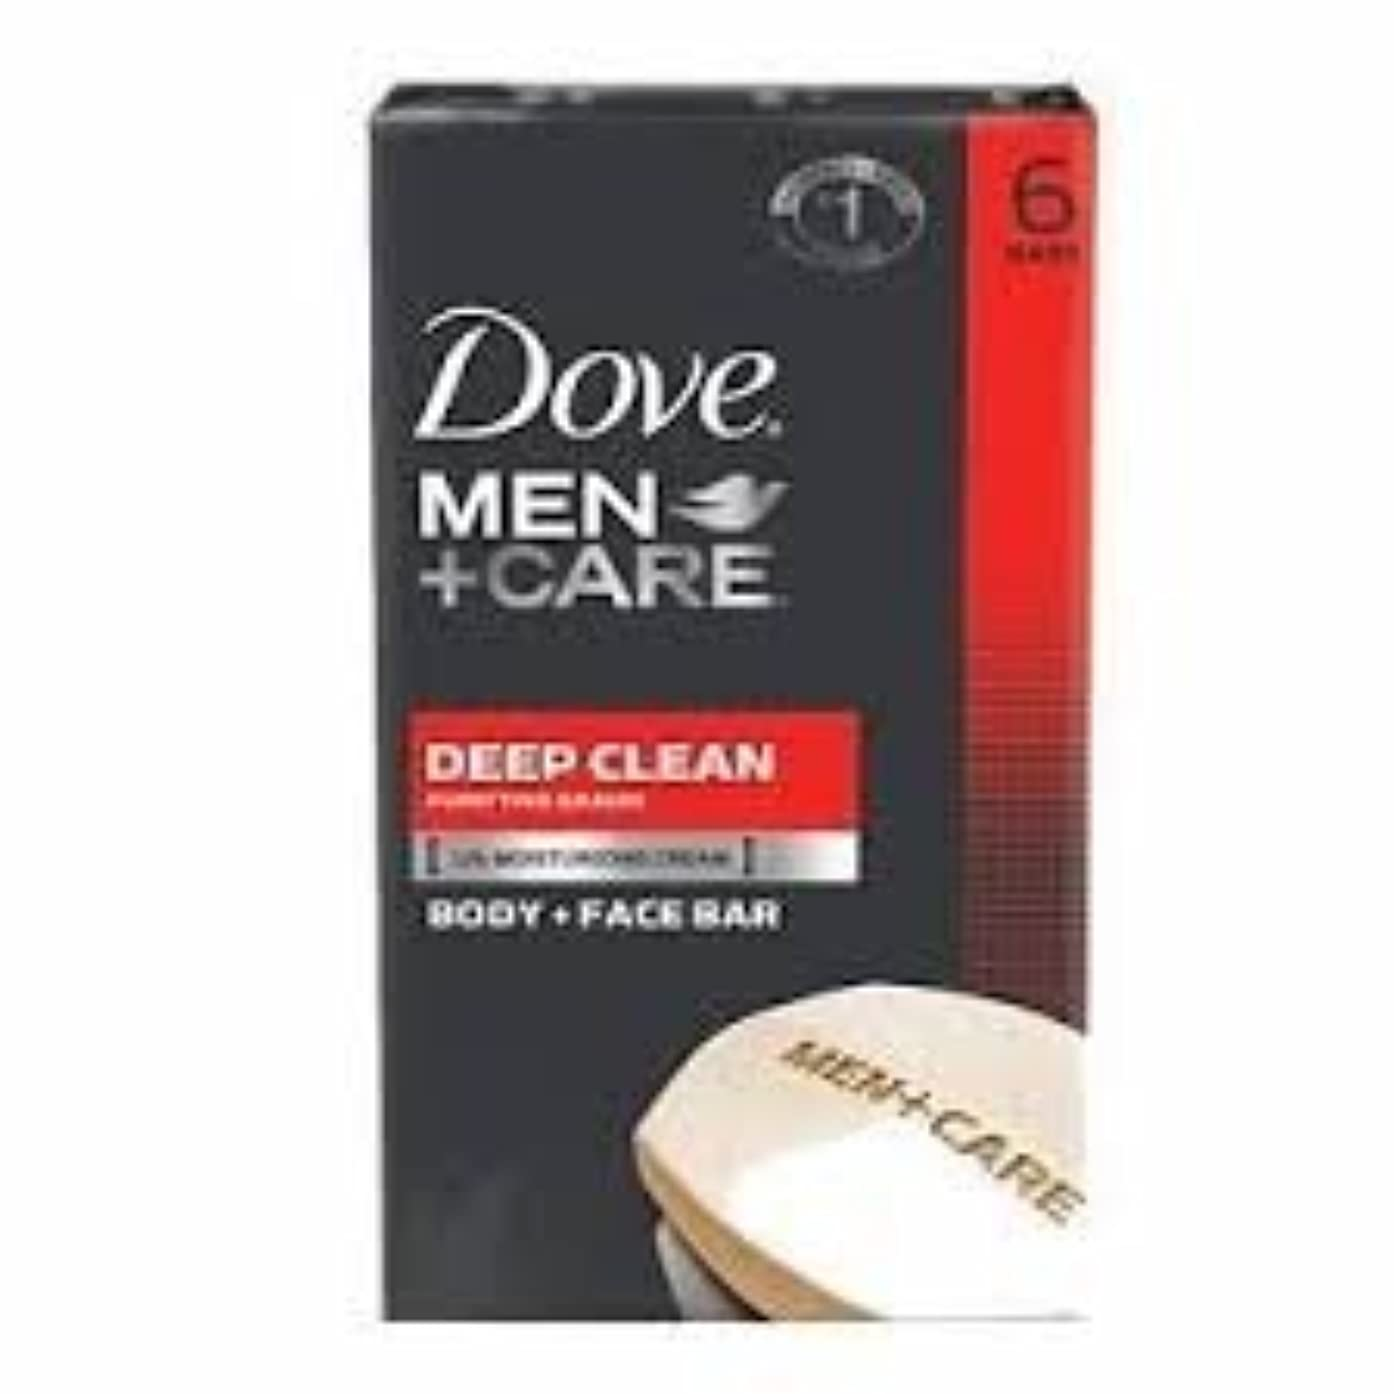 キリスト教電子バスケットボールDove Men + Care Body and Face Bar, Deep Clean 4oz x 6Bars ダブ メン プラスケア ディープ クリーン ソープ 4oz x 6個